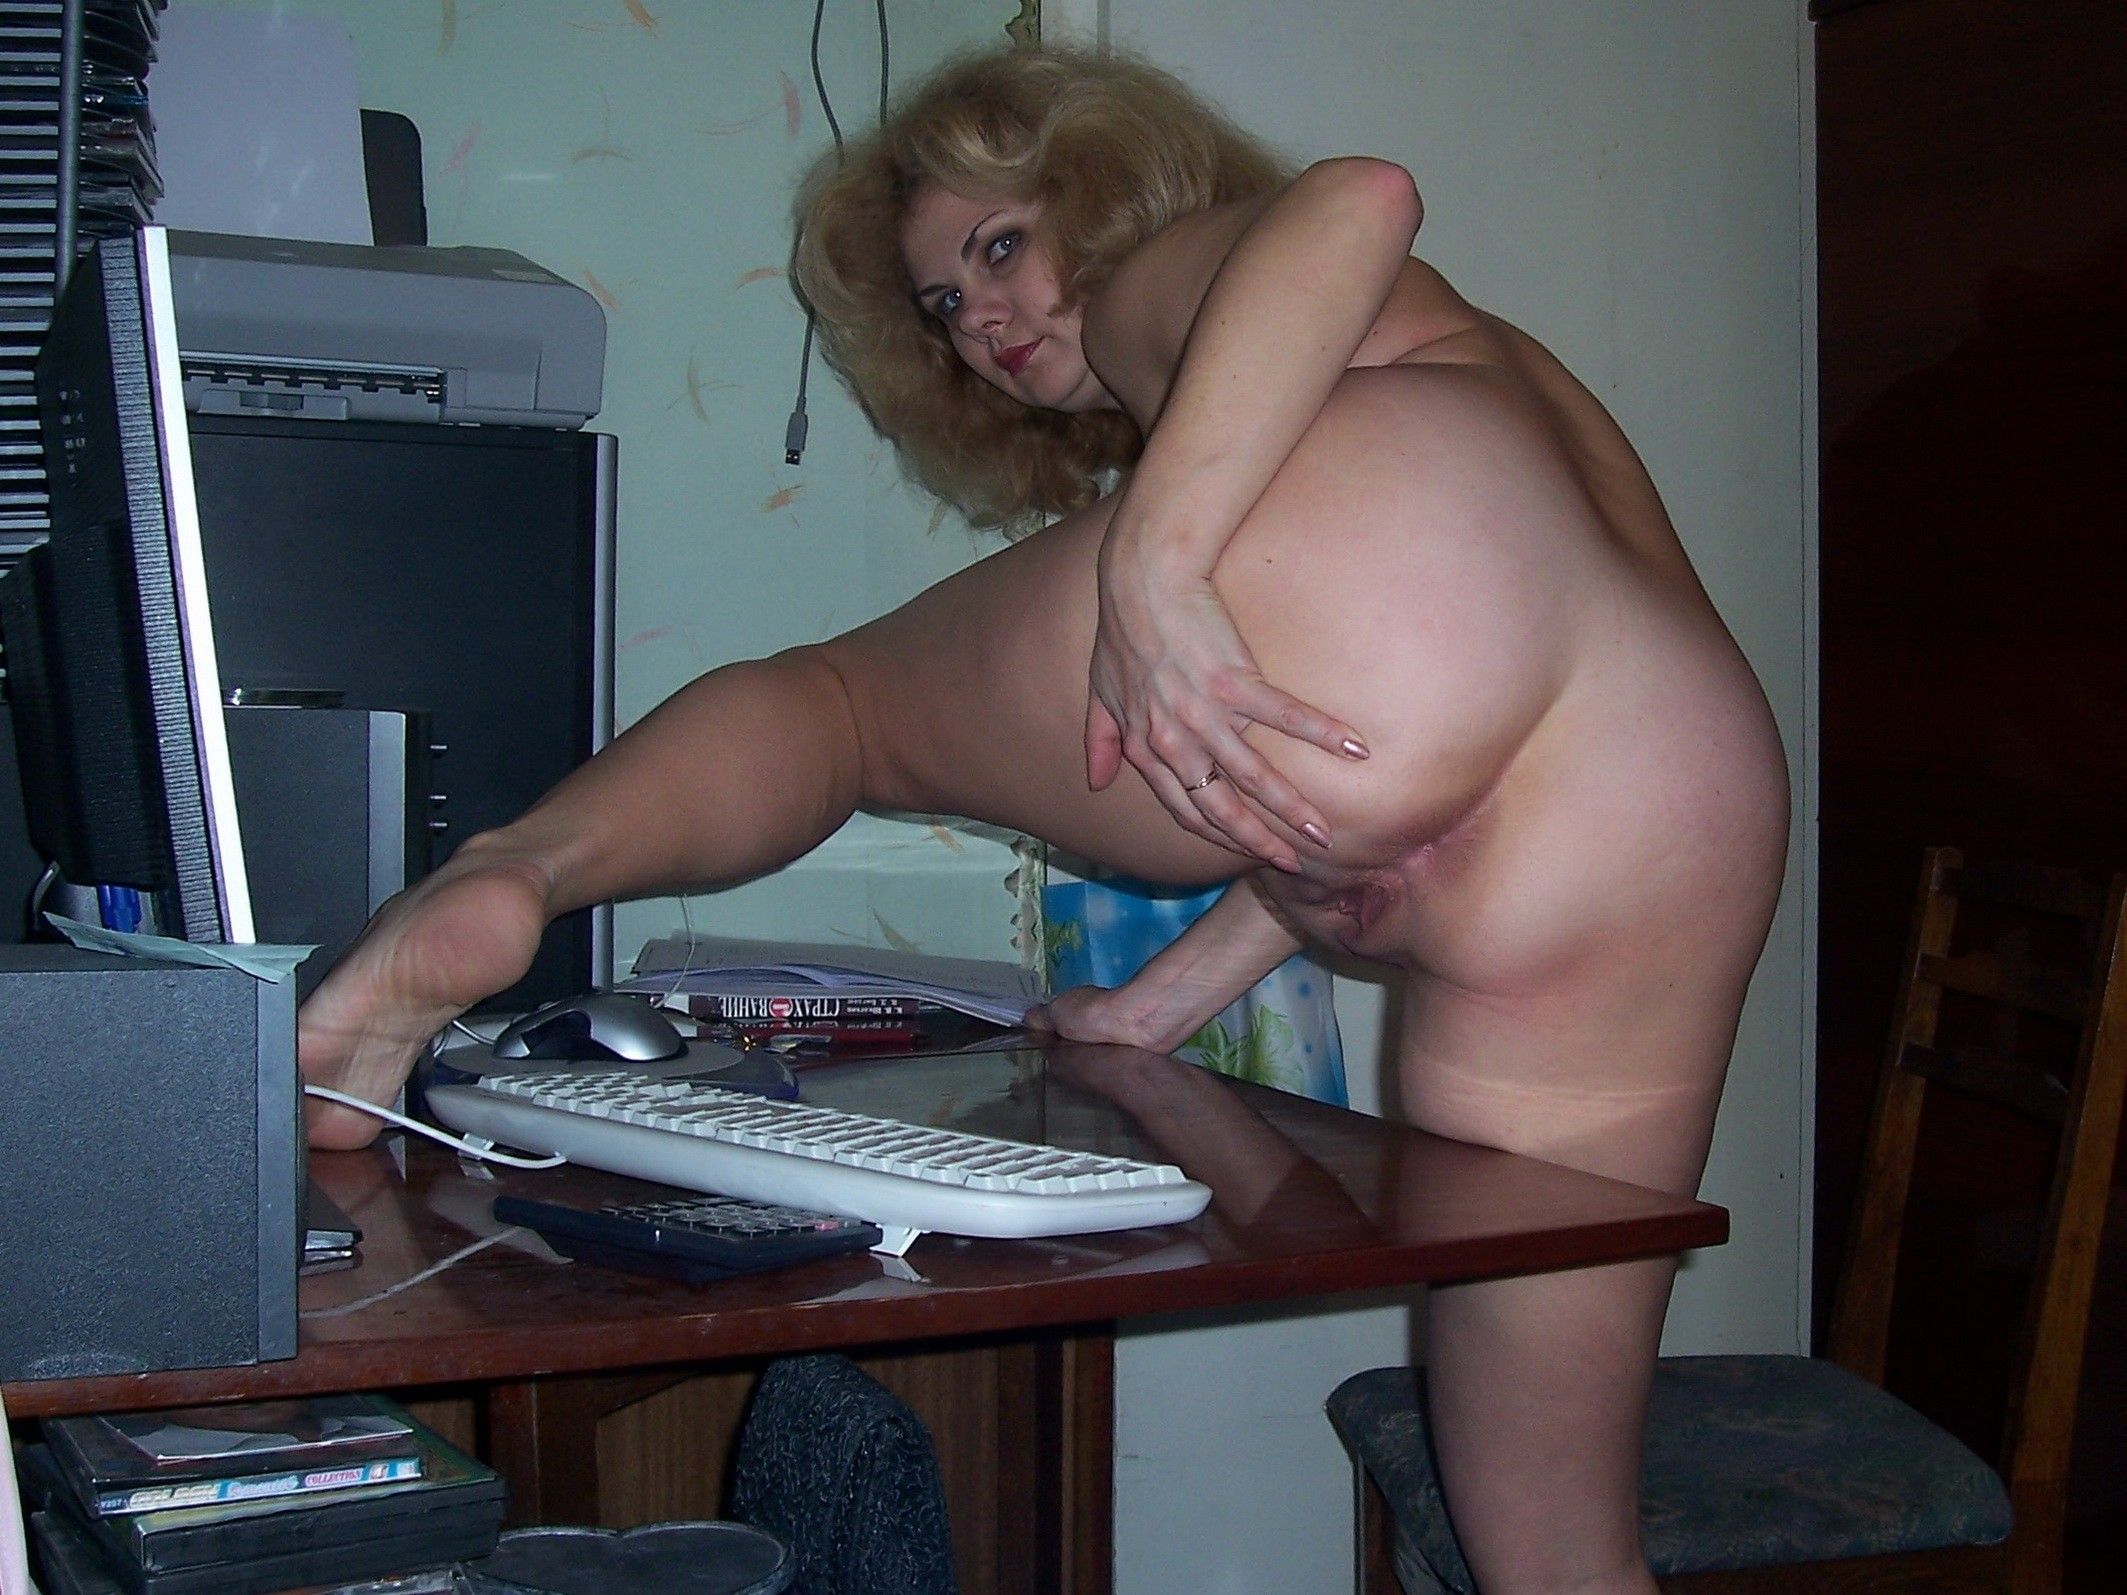 Похотливая жена домашнее фото 21 фотография